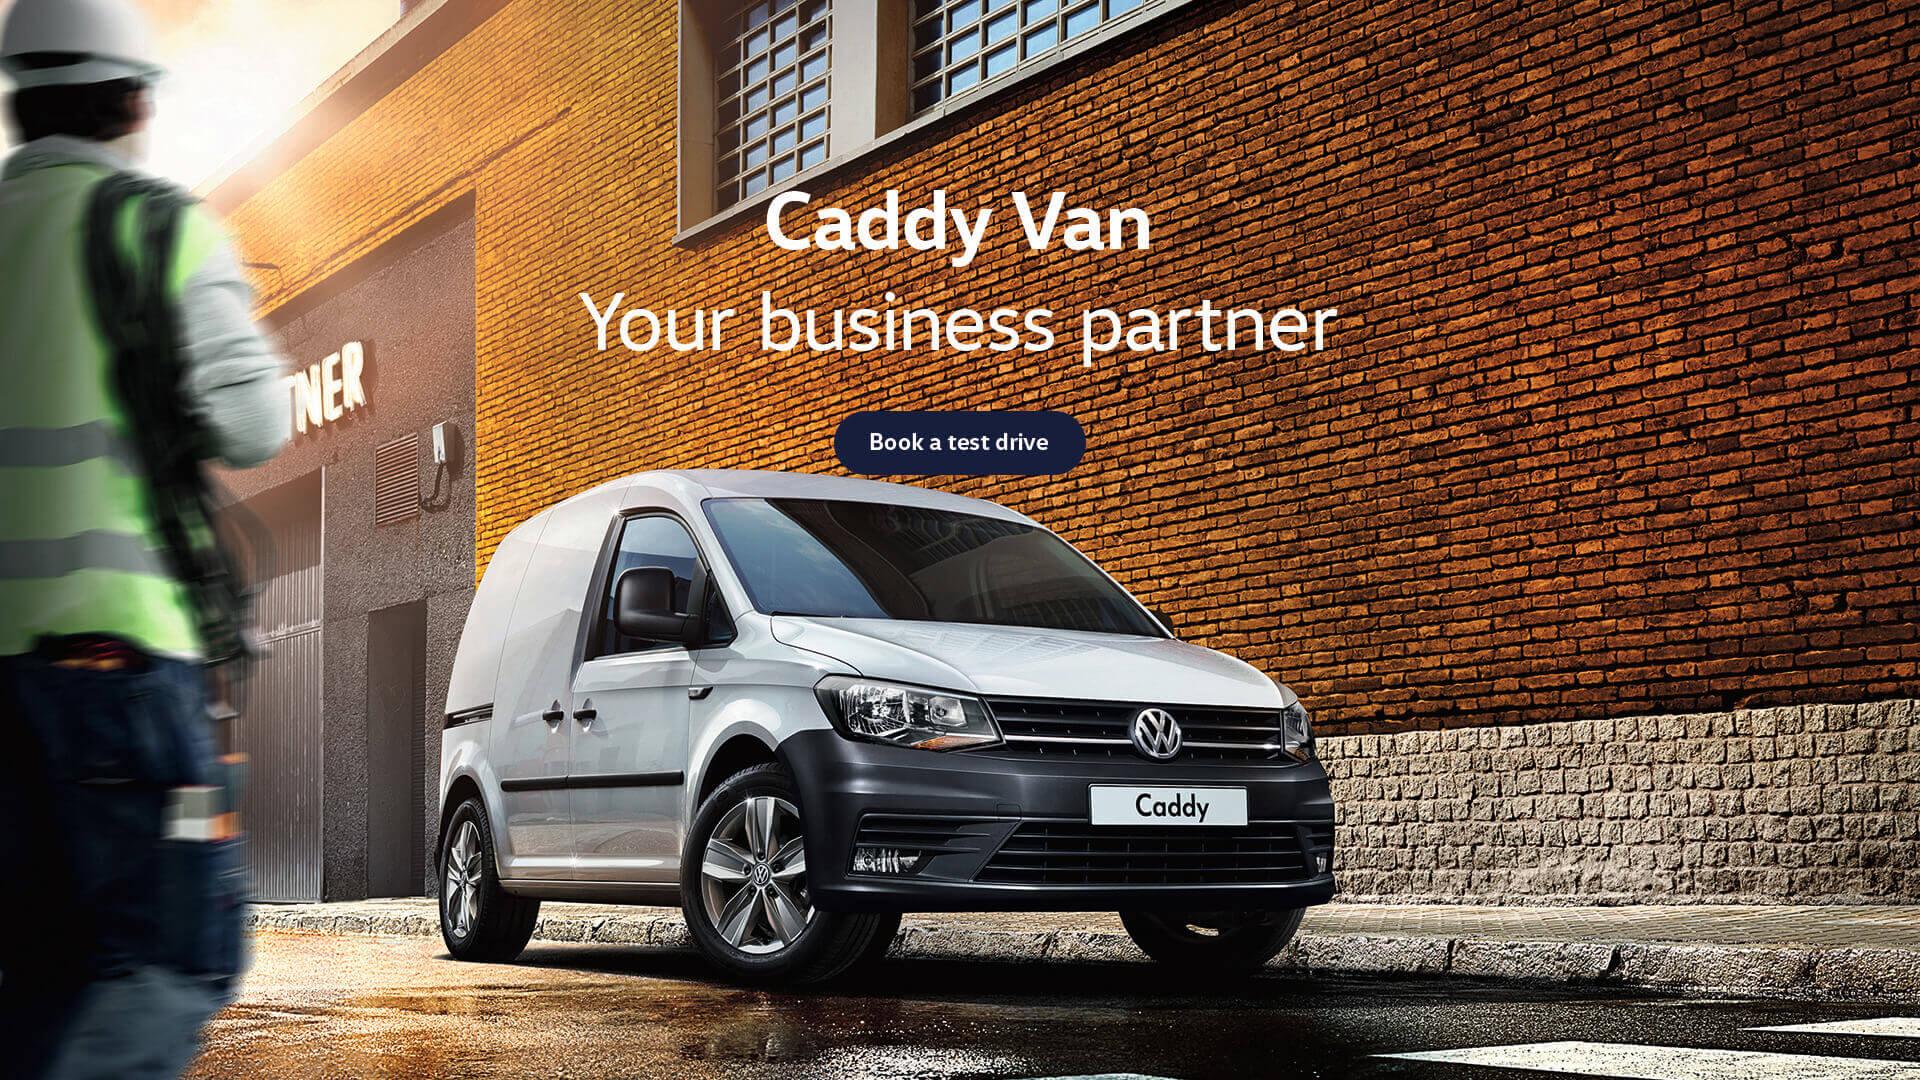 Volkswagen Caddy Van. Your business partner. Test drive today at Shepparton Volkswagen